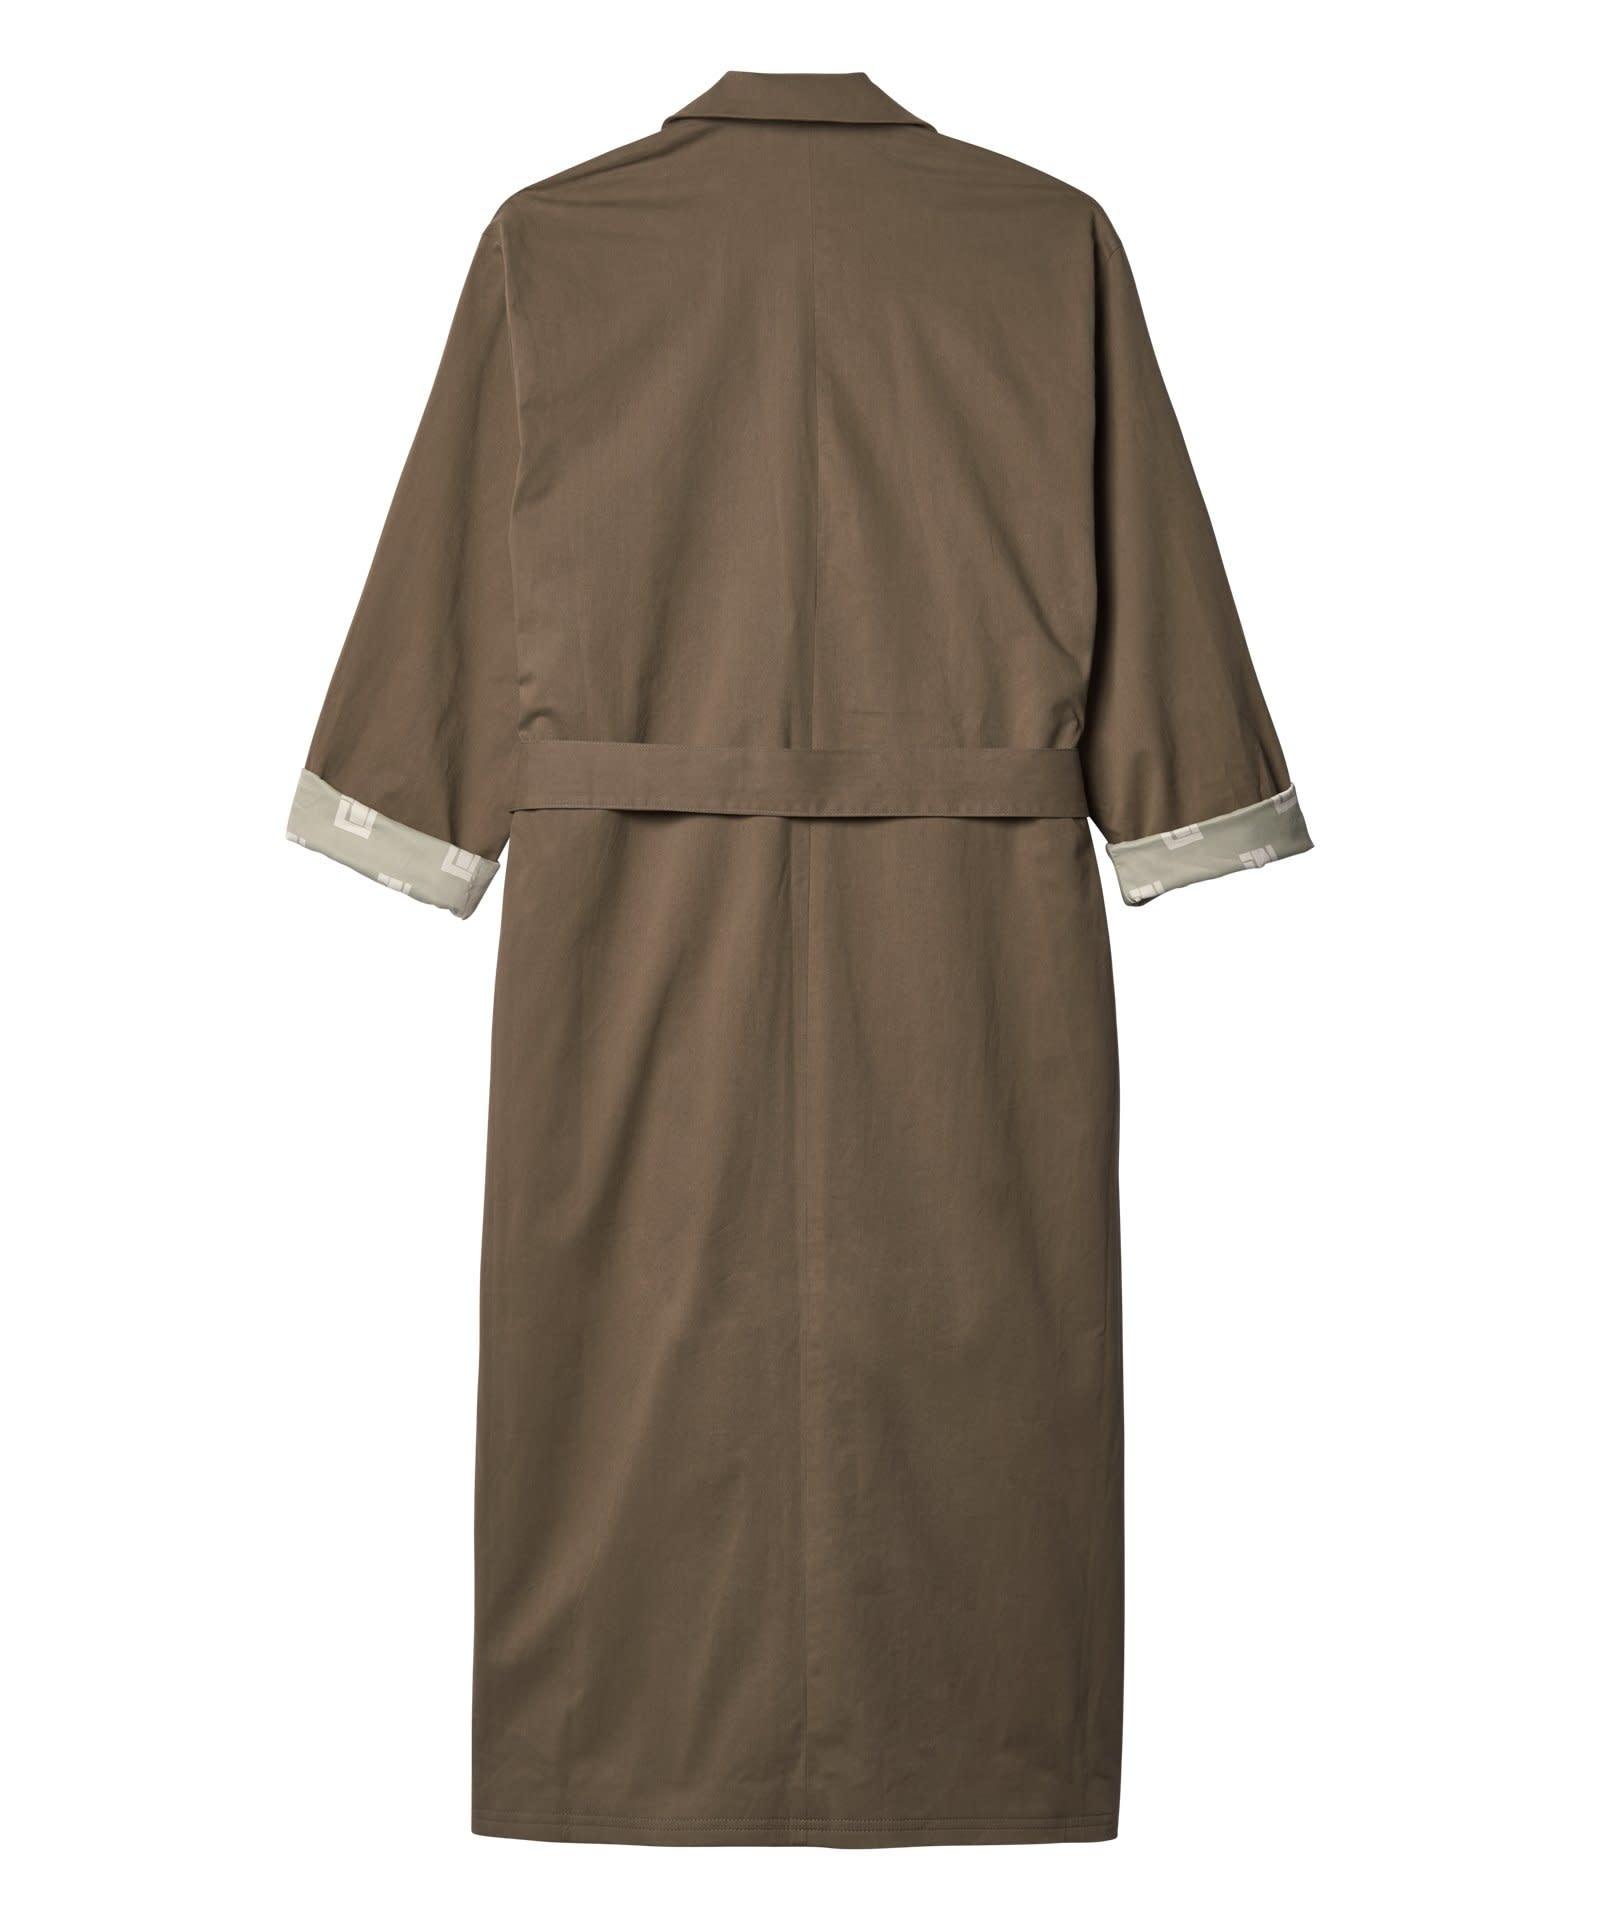 Jas No2 Trench Coat Emily Marant-3